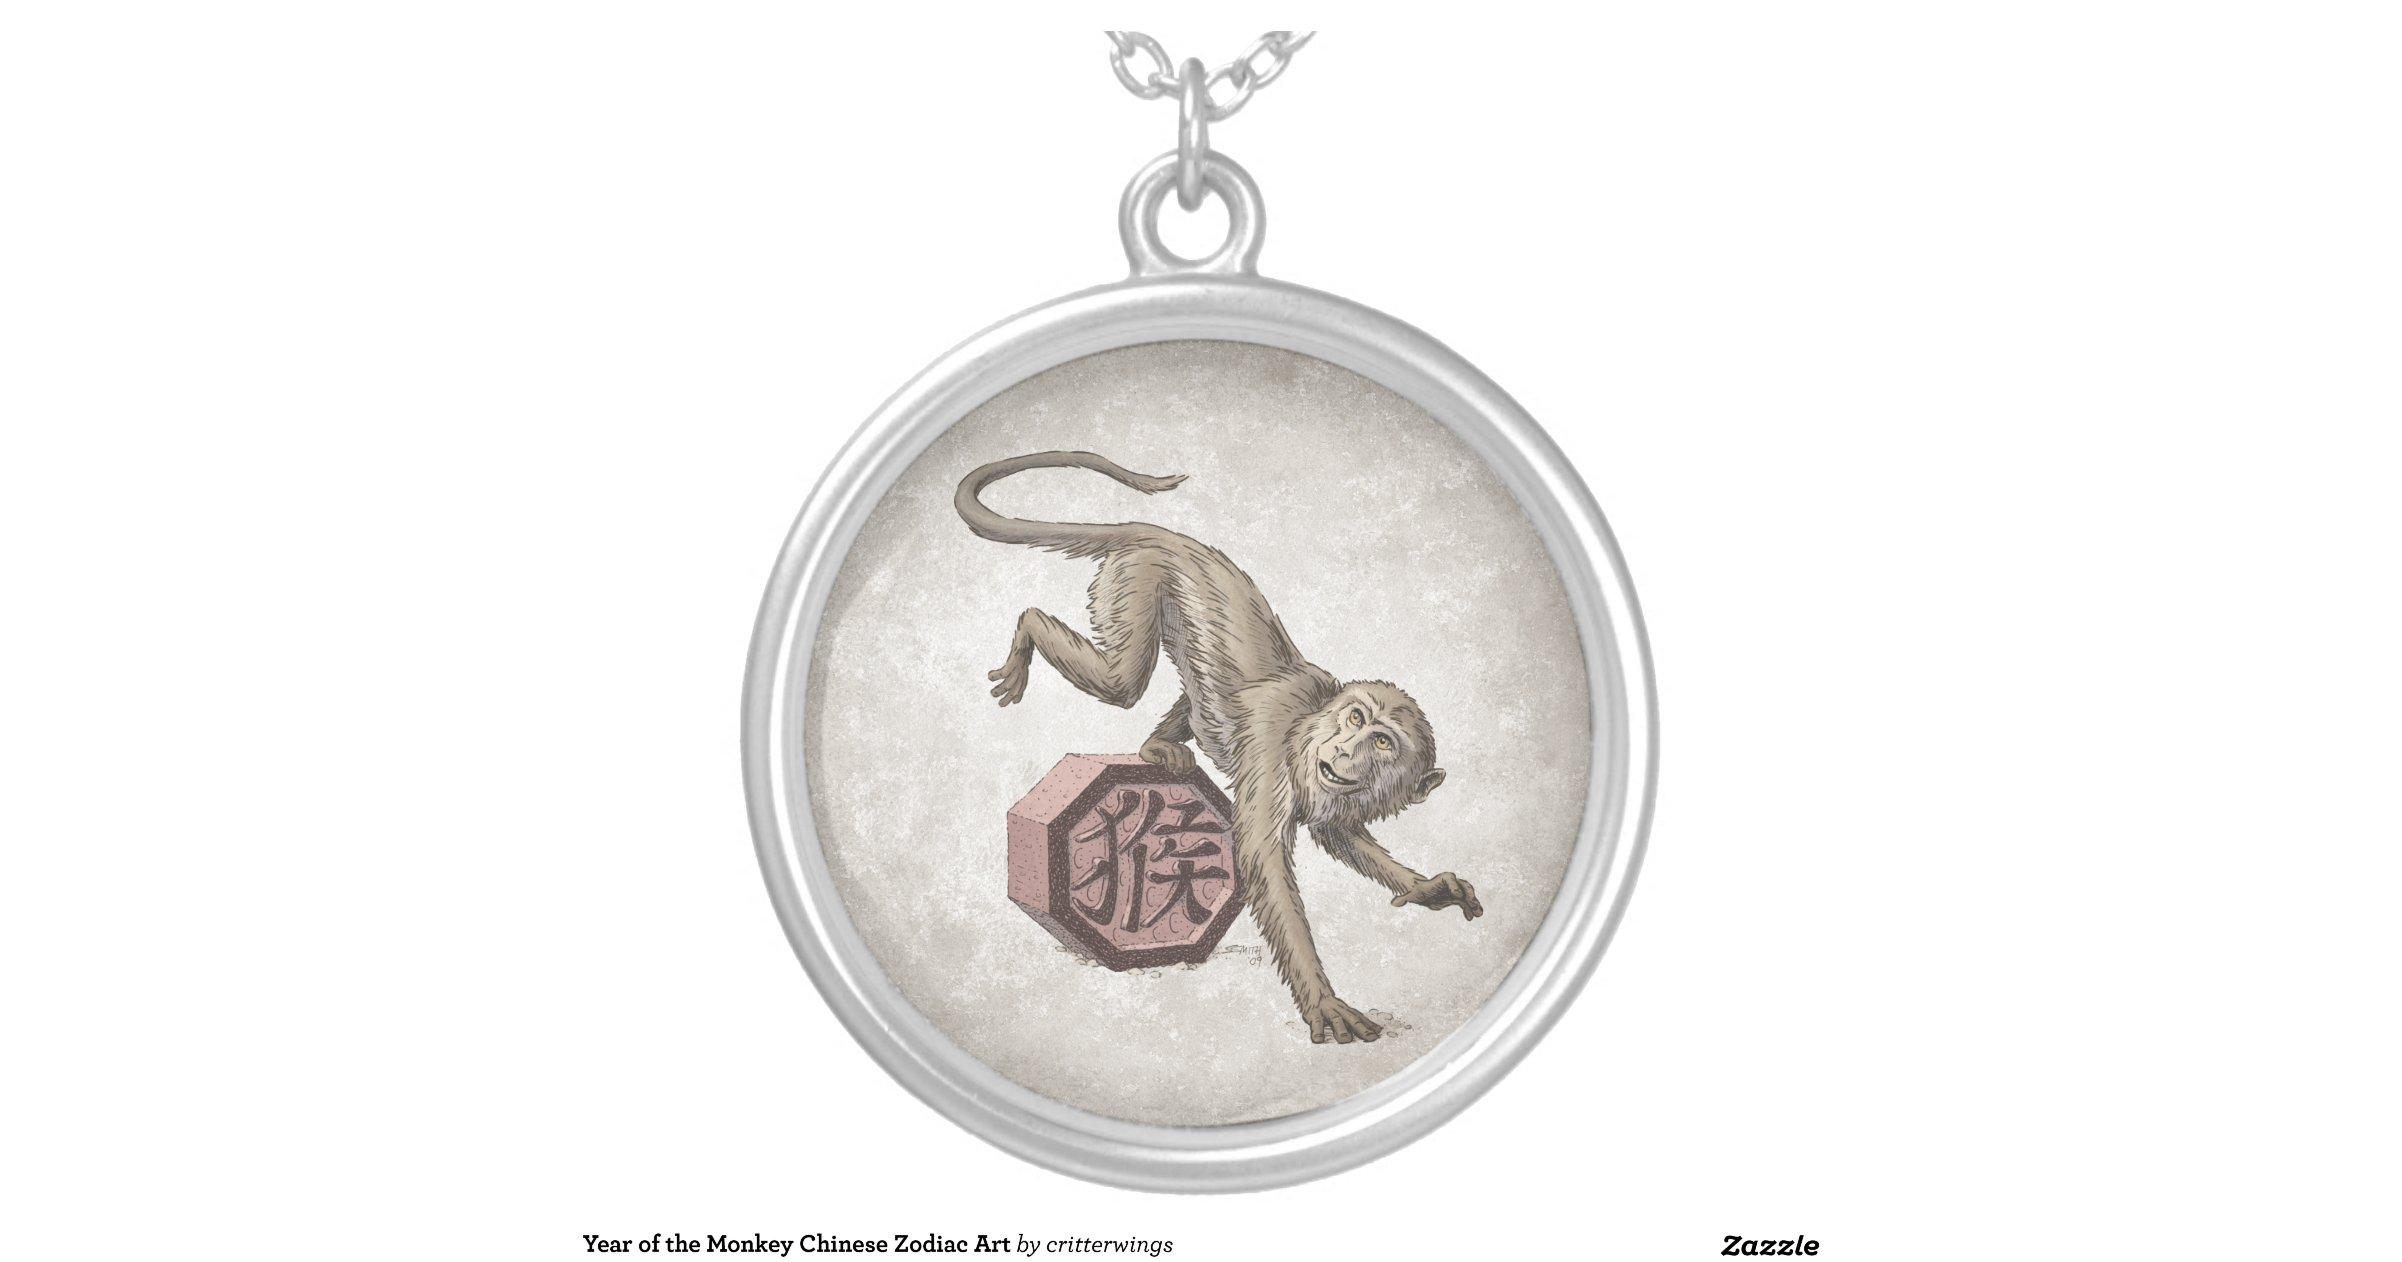 Year of the monkey chinese zodiac art round pendant necklace zazzle